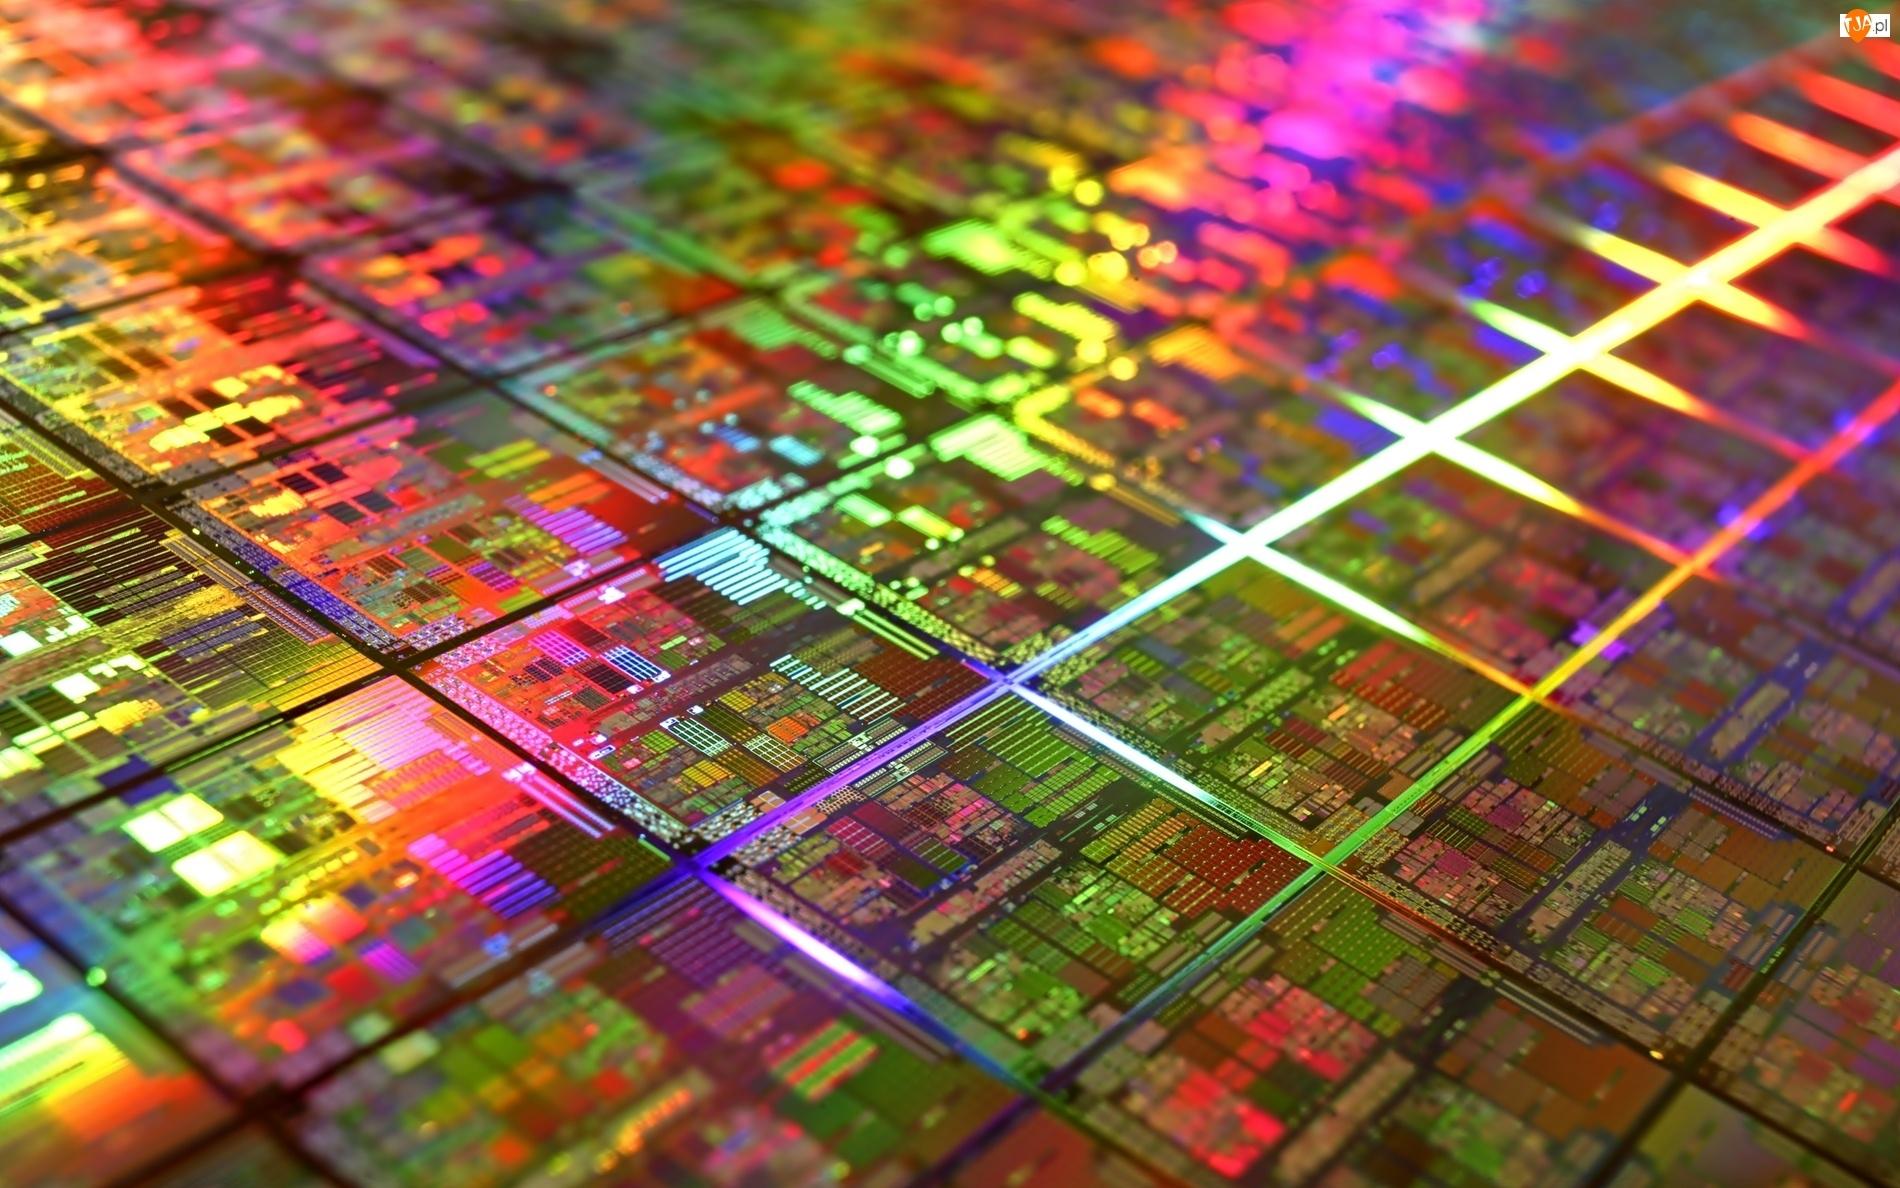 Wnętrze, Elektronika, Hardware, Kolorowe, Procesor, Technologia